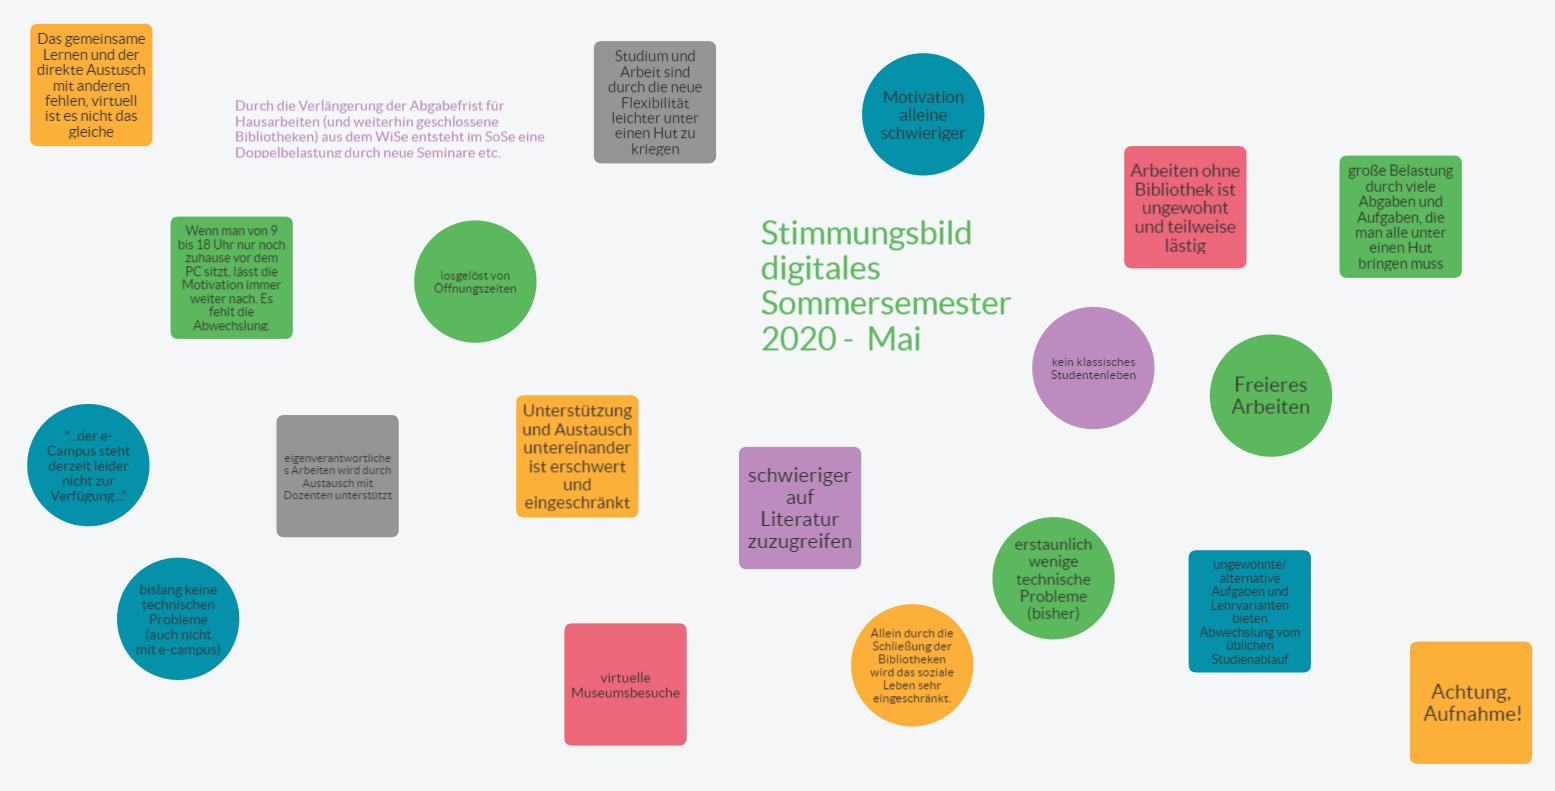 Pinnwand: Stimmungsbild von Studierenden im digitalen Sommersemester 2020 - Stand Mai 2020